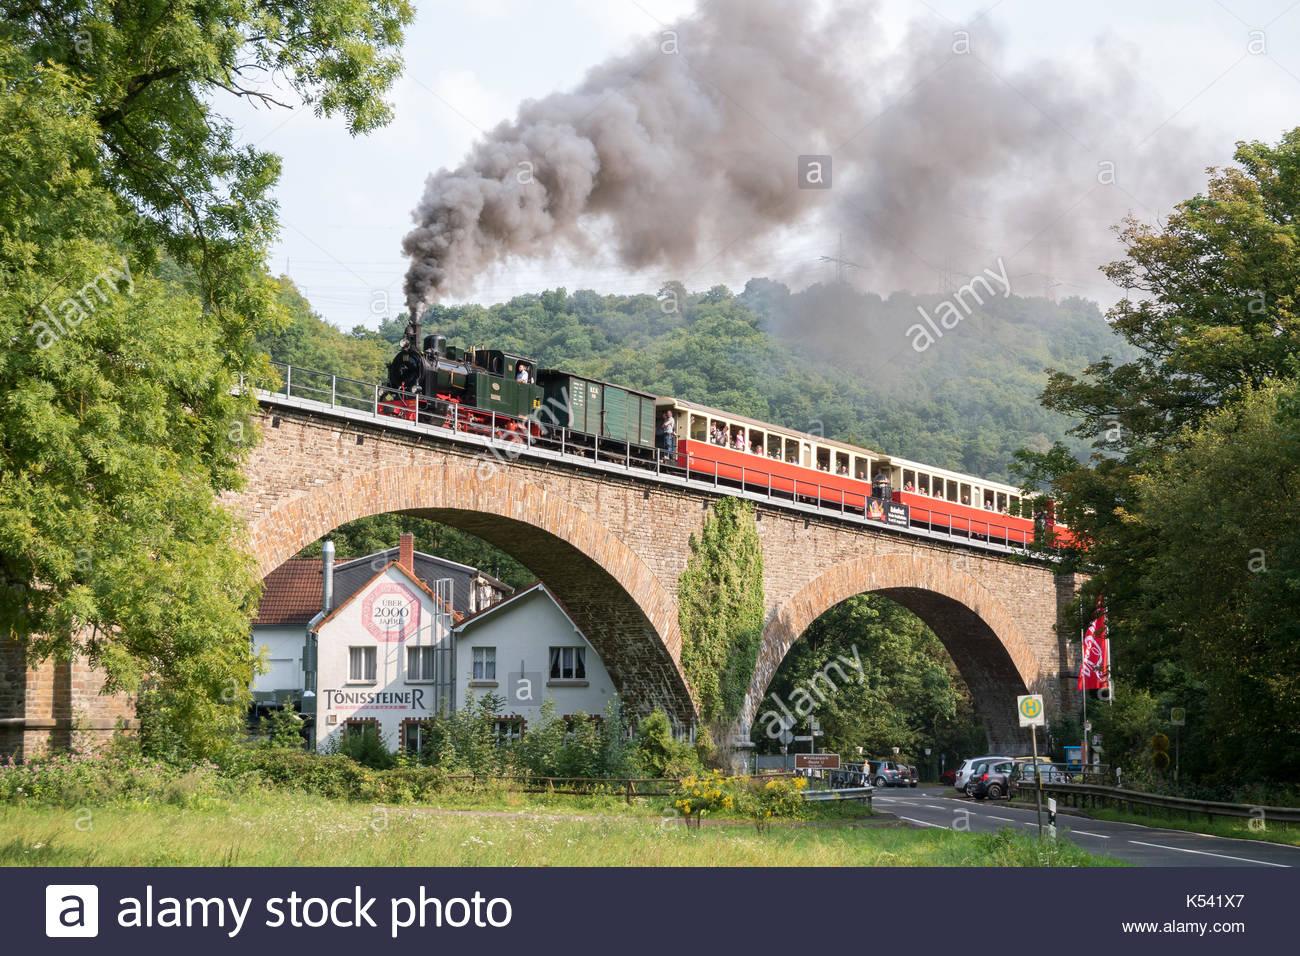 Ein Dampfzug auf dem tönissteiner Viadukt in Deutschland Stockbild